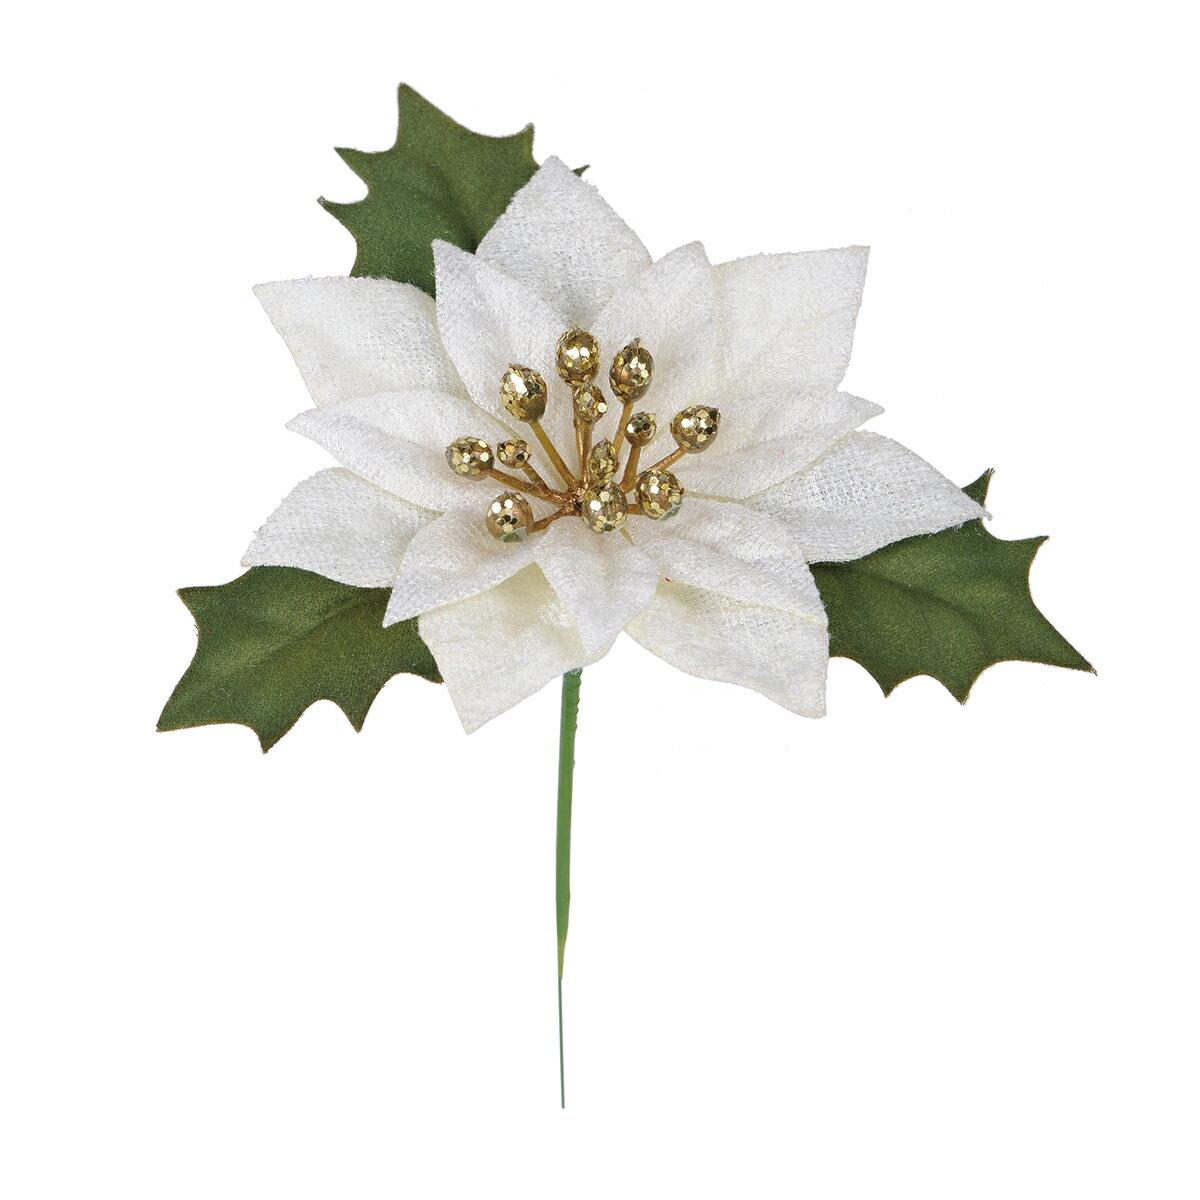 【造花】MAGIQ(東京堂)/ミニブライトポインピック #37 CREAM 4本/FX004819-037【01】【取寄】《 造花(アーティフィシャルフラワー) 造花 花材「は行」 ポインセチア 》